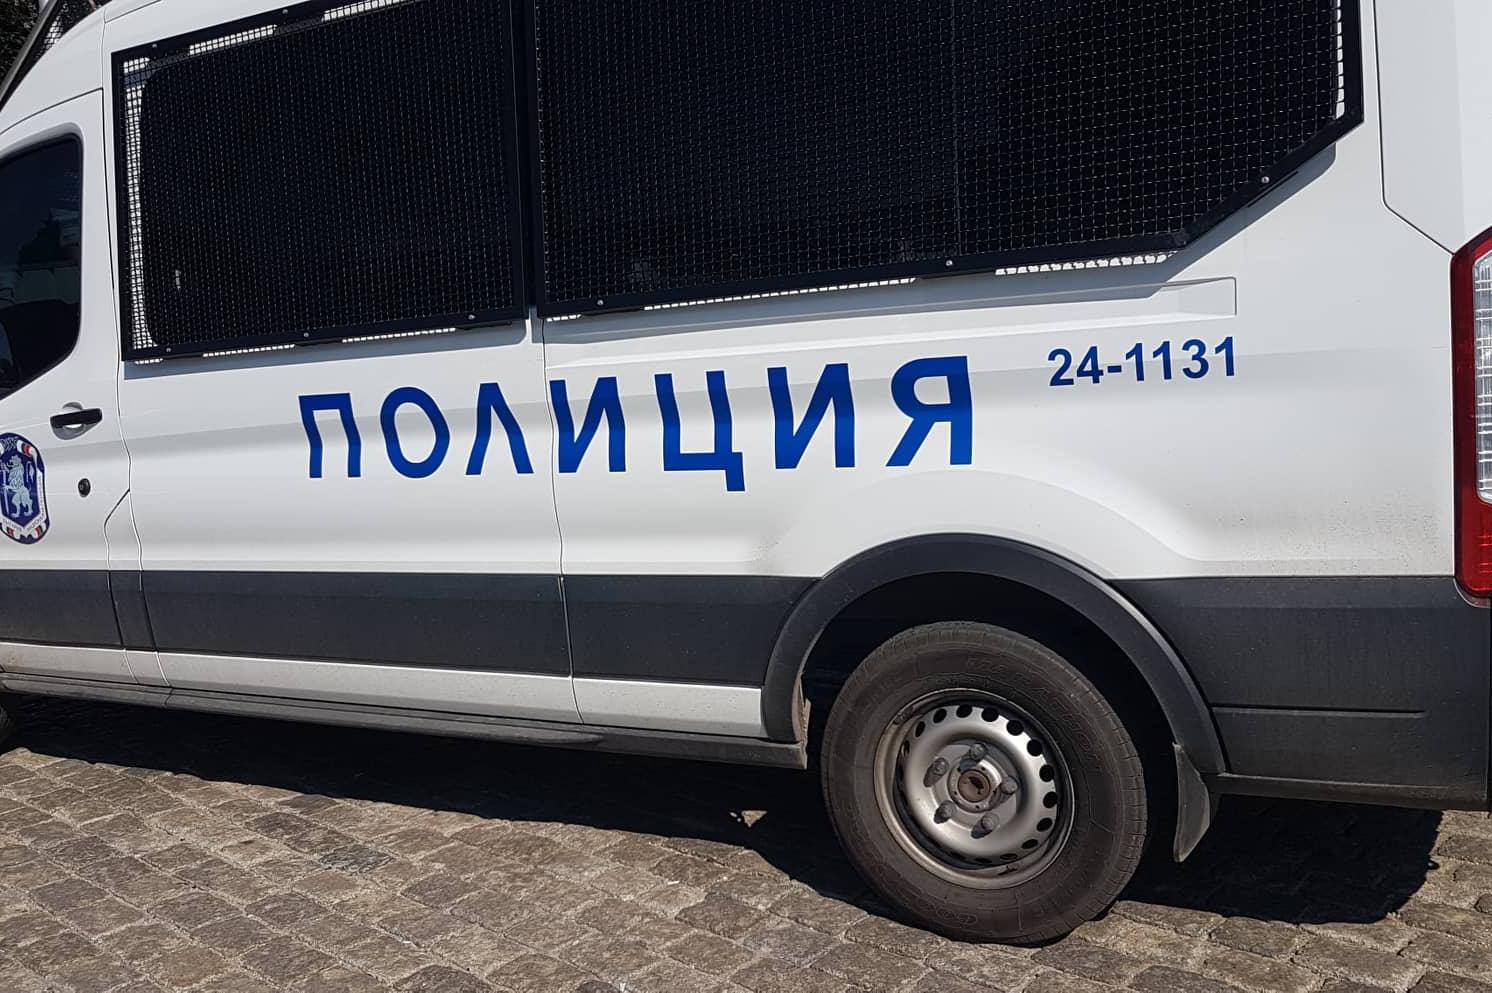 Задържане и глоба за четирима след сбиване в Ихтиман